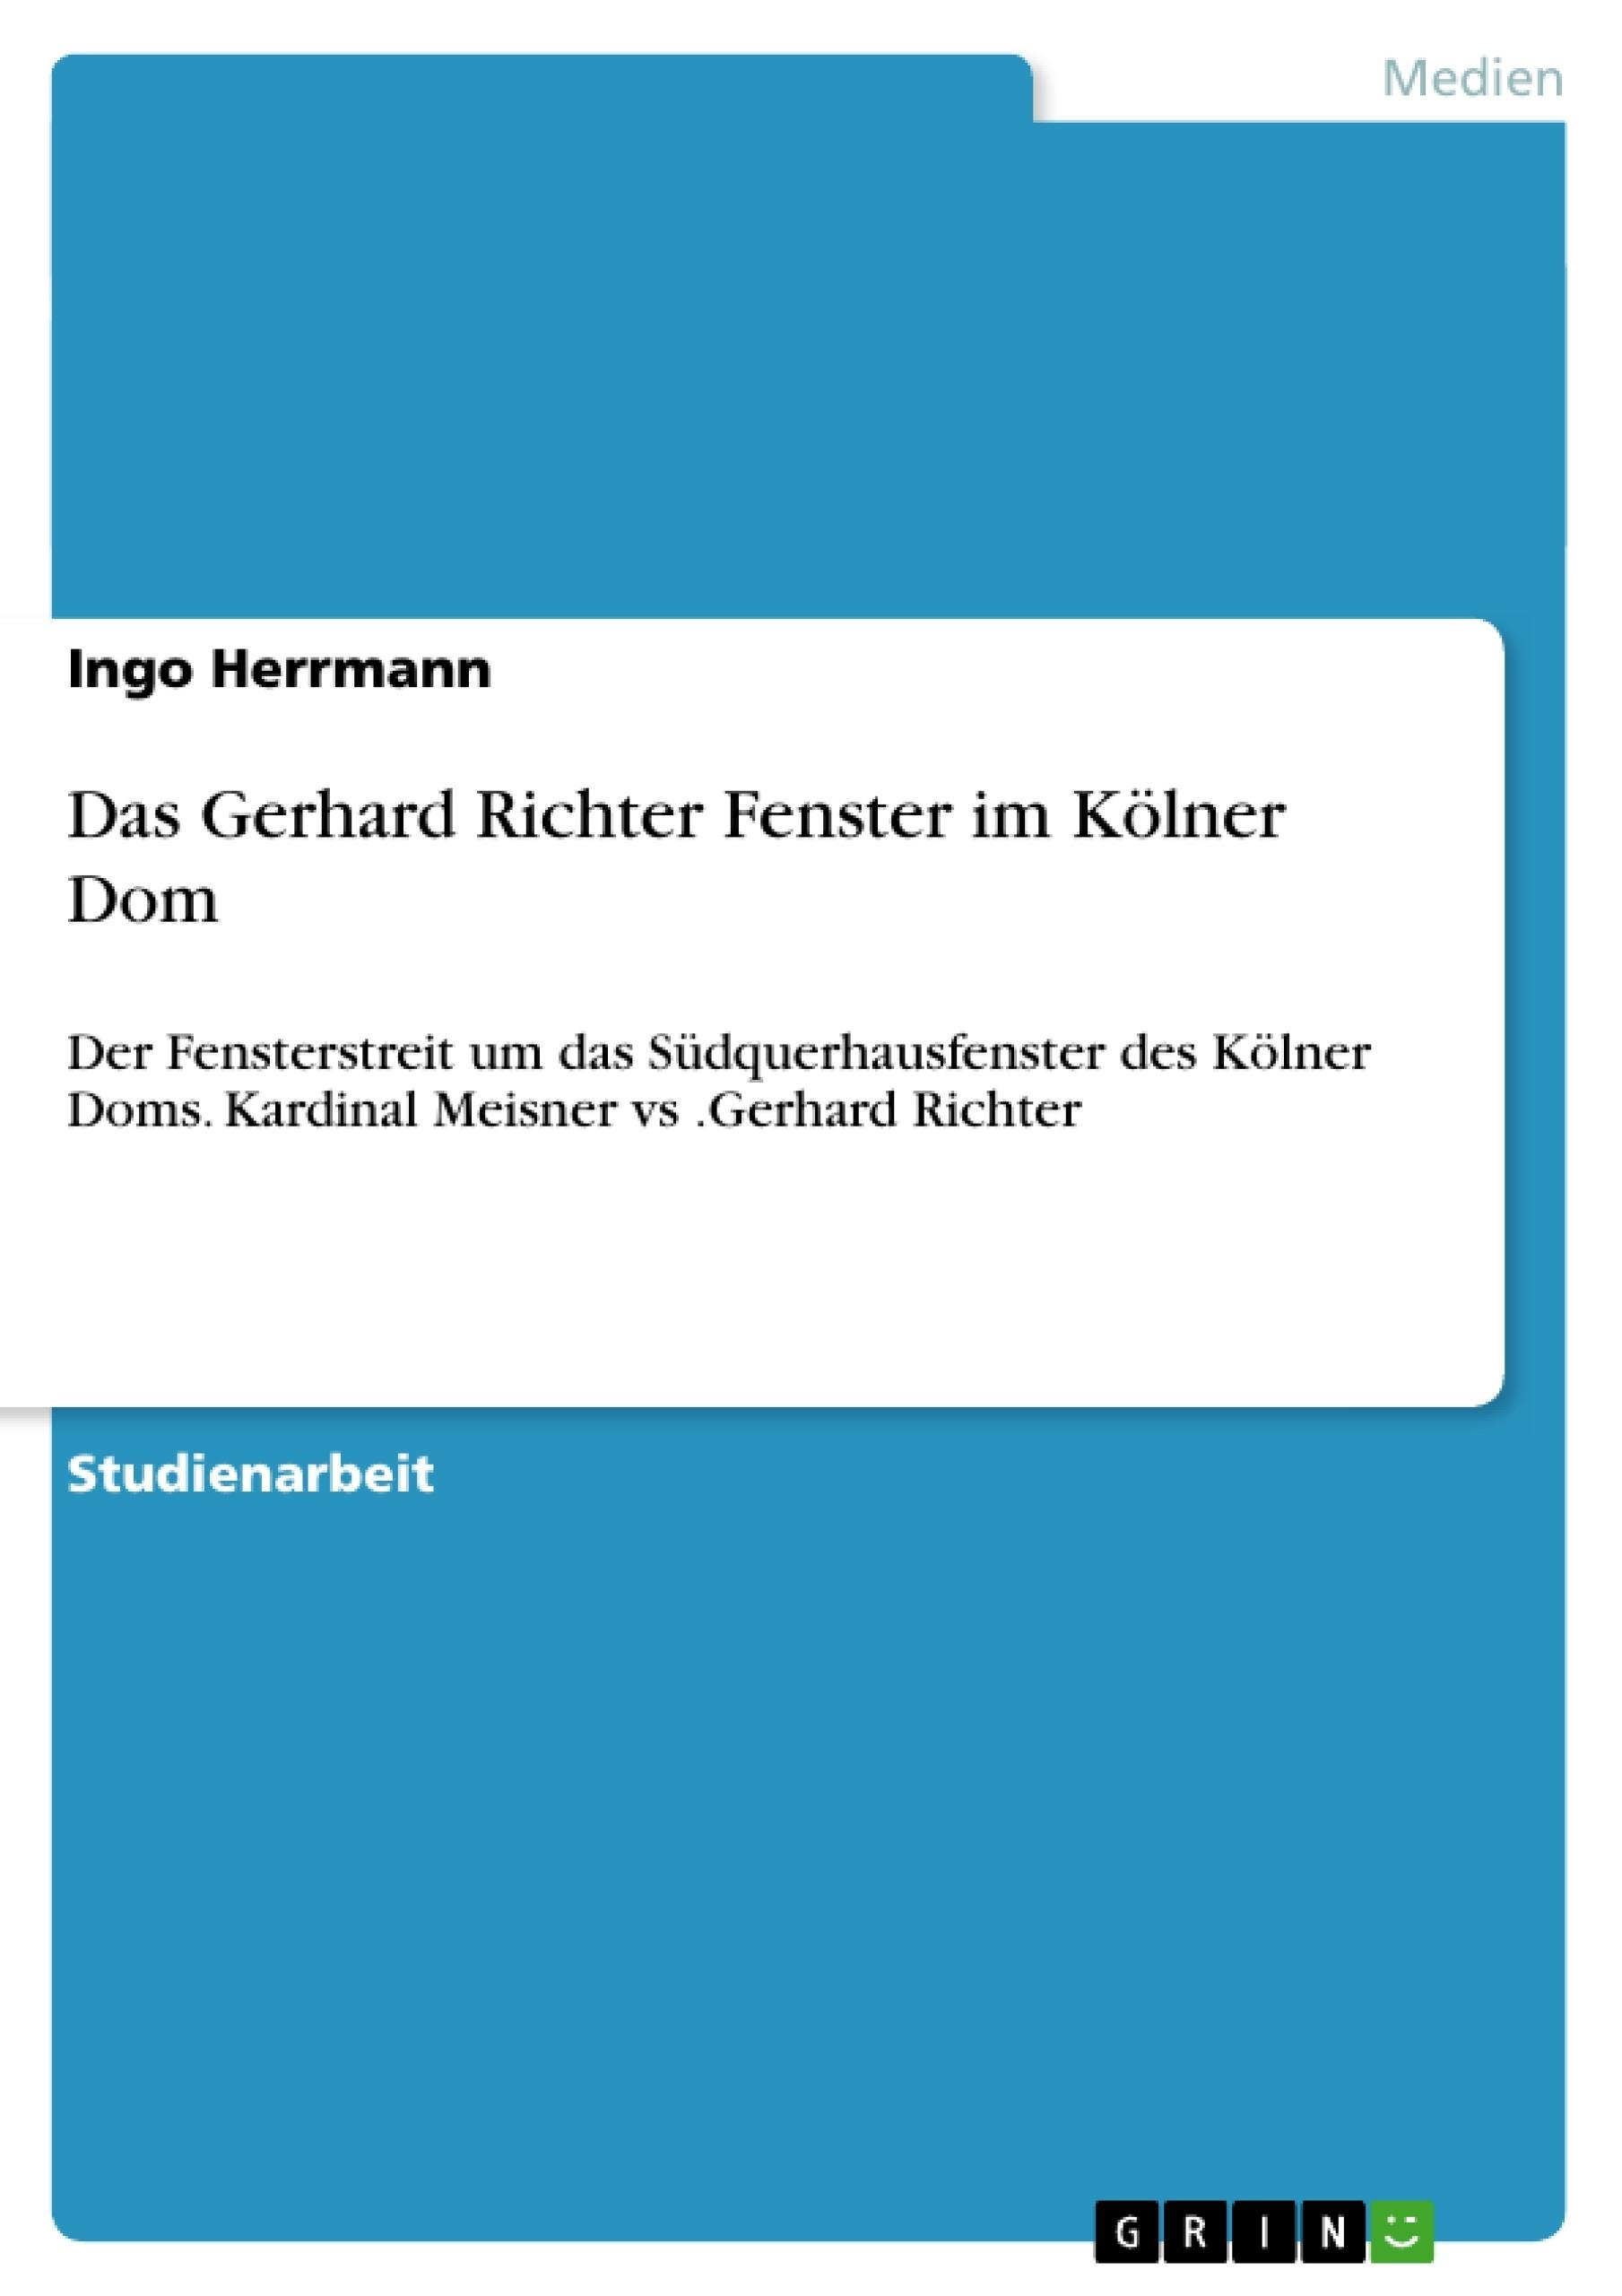 Titel: Das Gerhard Richter Fenster im Kölner Dom